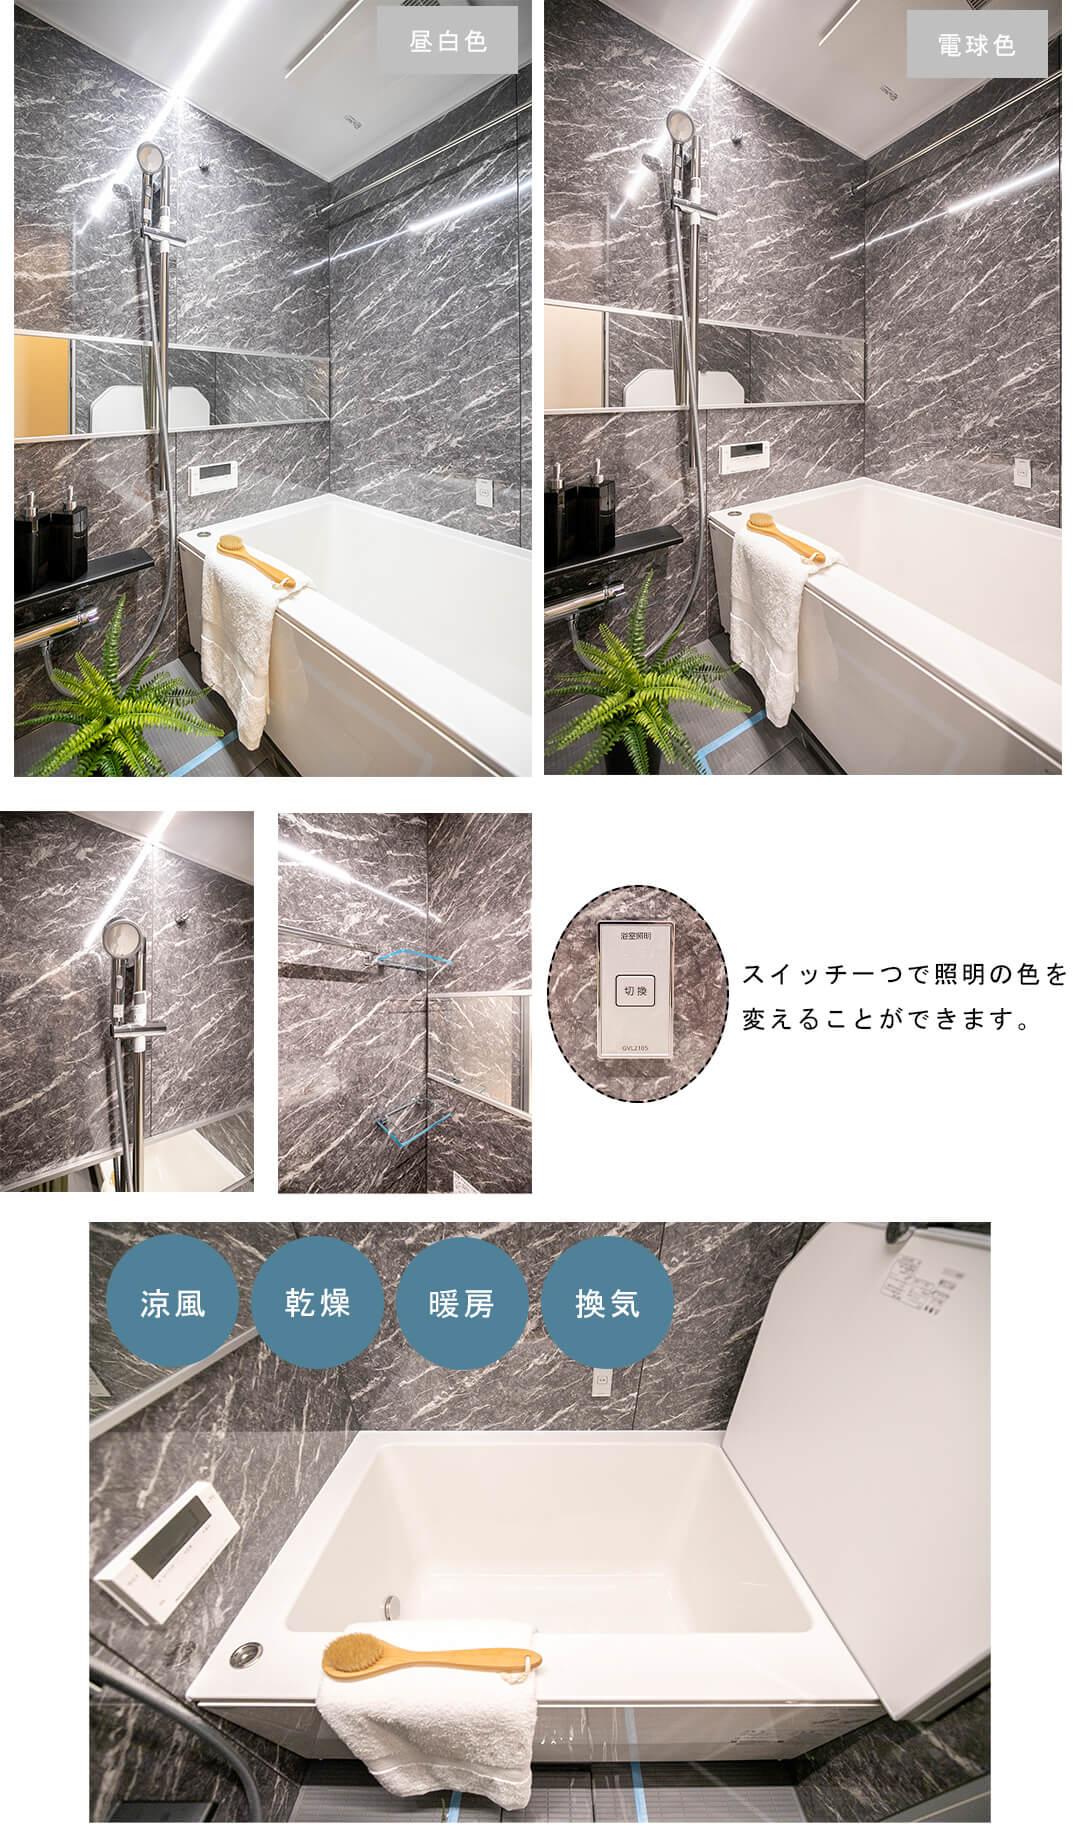 ベルメゾン六本木タワーズの浴室